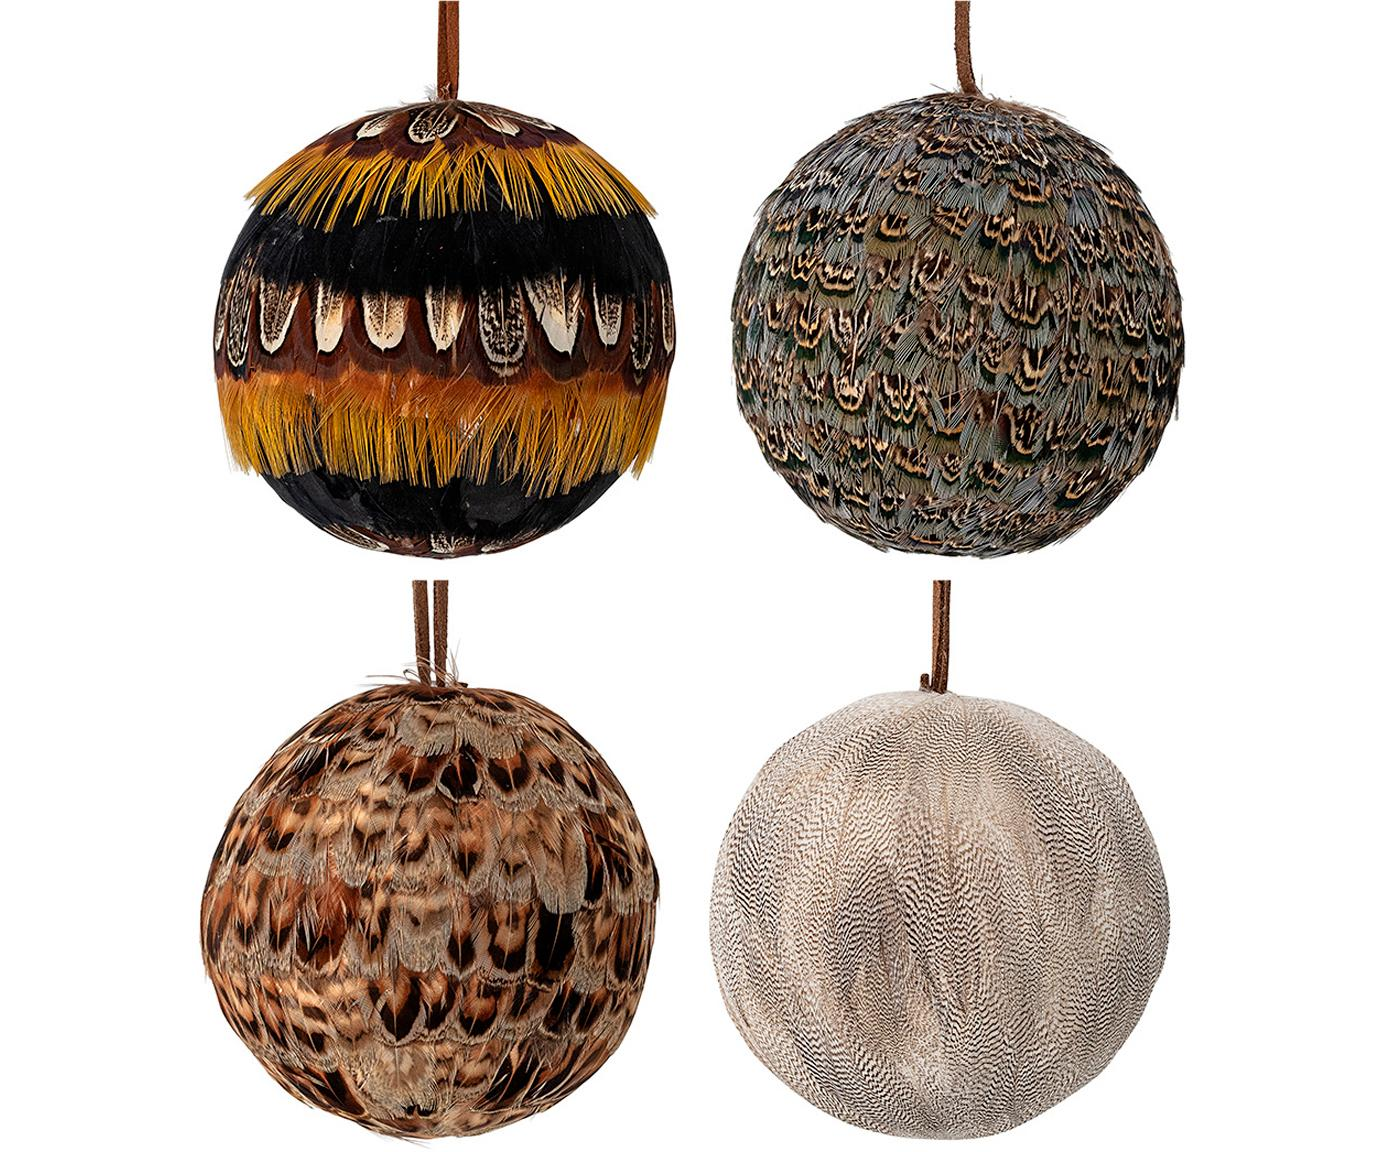 Kerstballenset Feather, 4-delig, Piepschuim, veren, Multicolour, Ø 9 cm